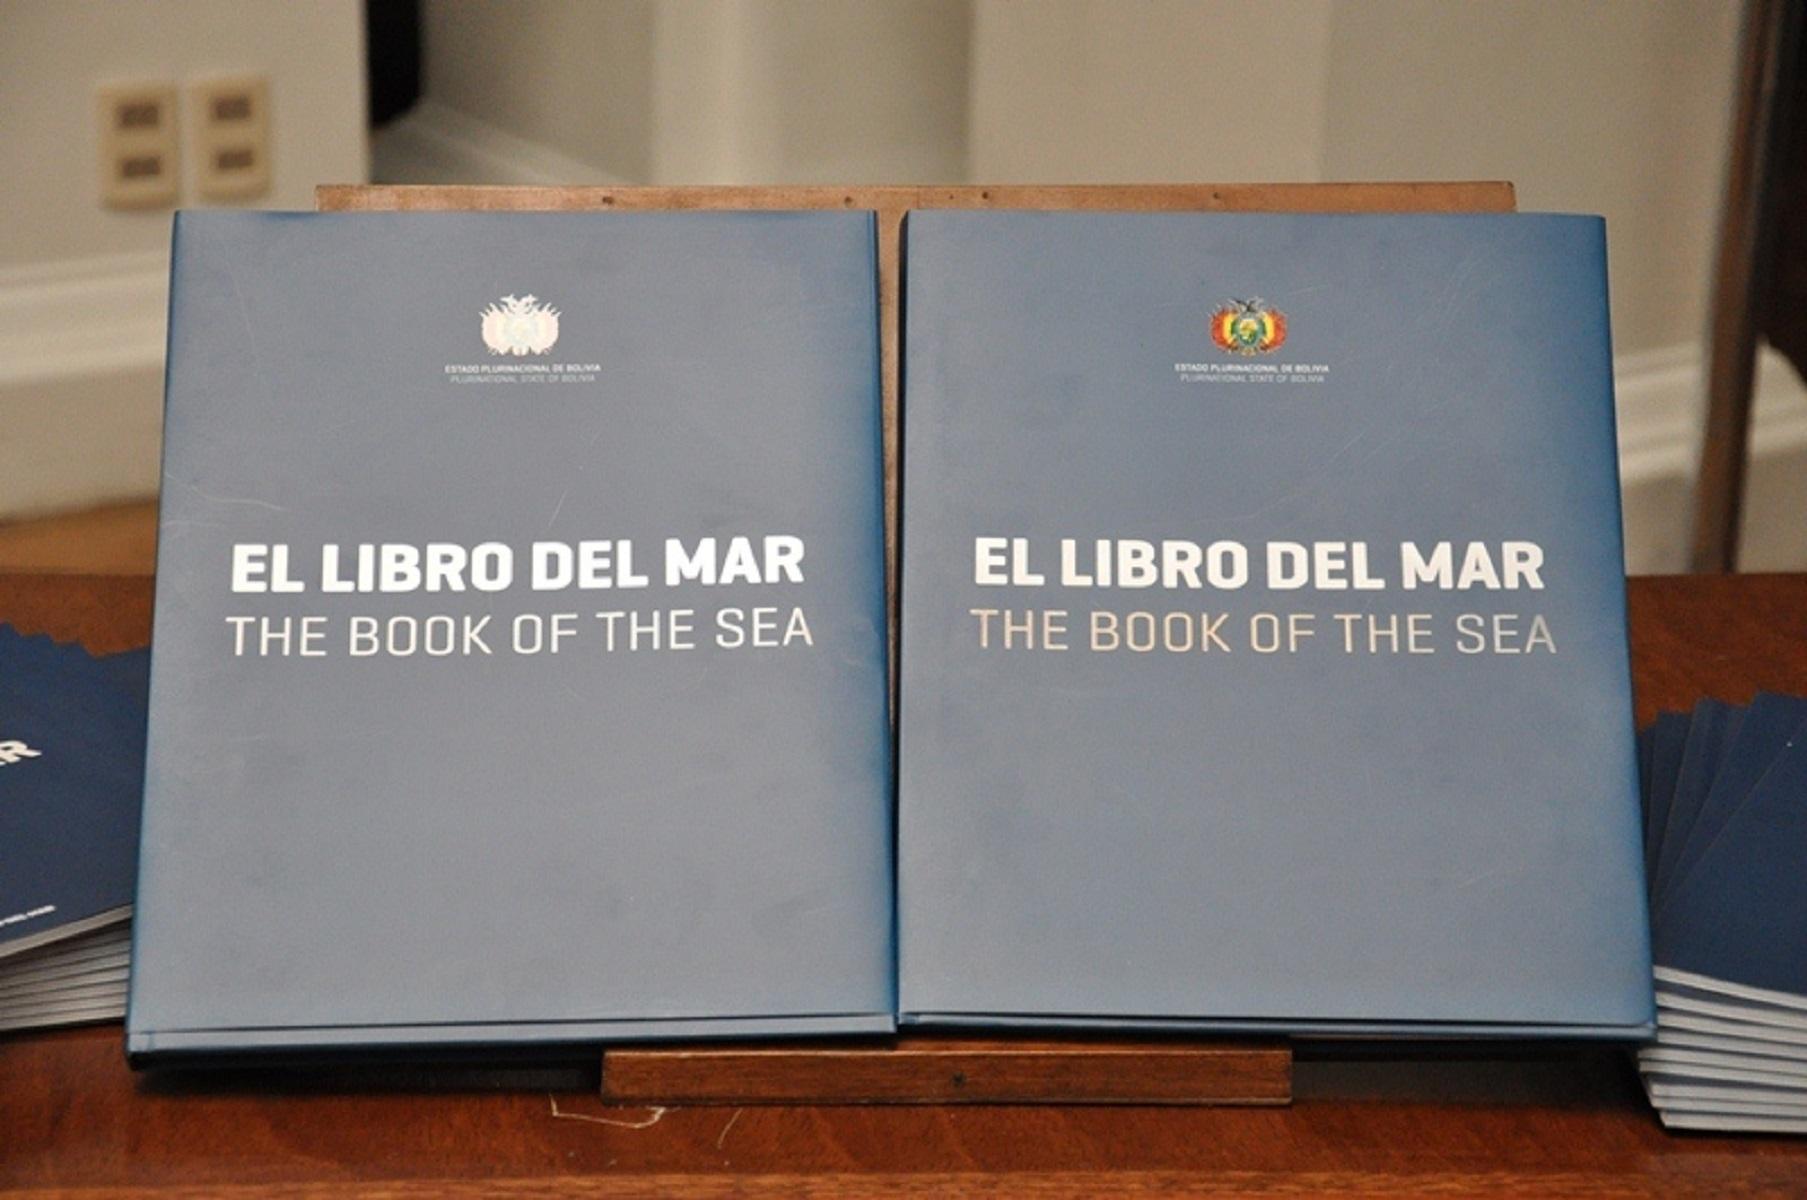 """En favor de la integración, escuela de La Serena entrega a sus alumnos el """"Libro del Mar"""" boliviano"""